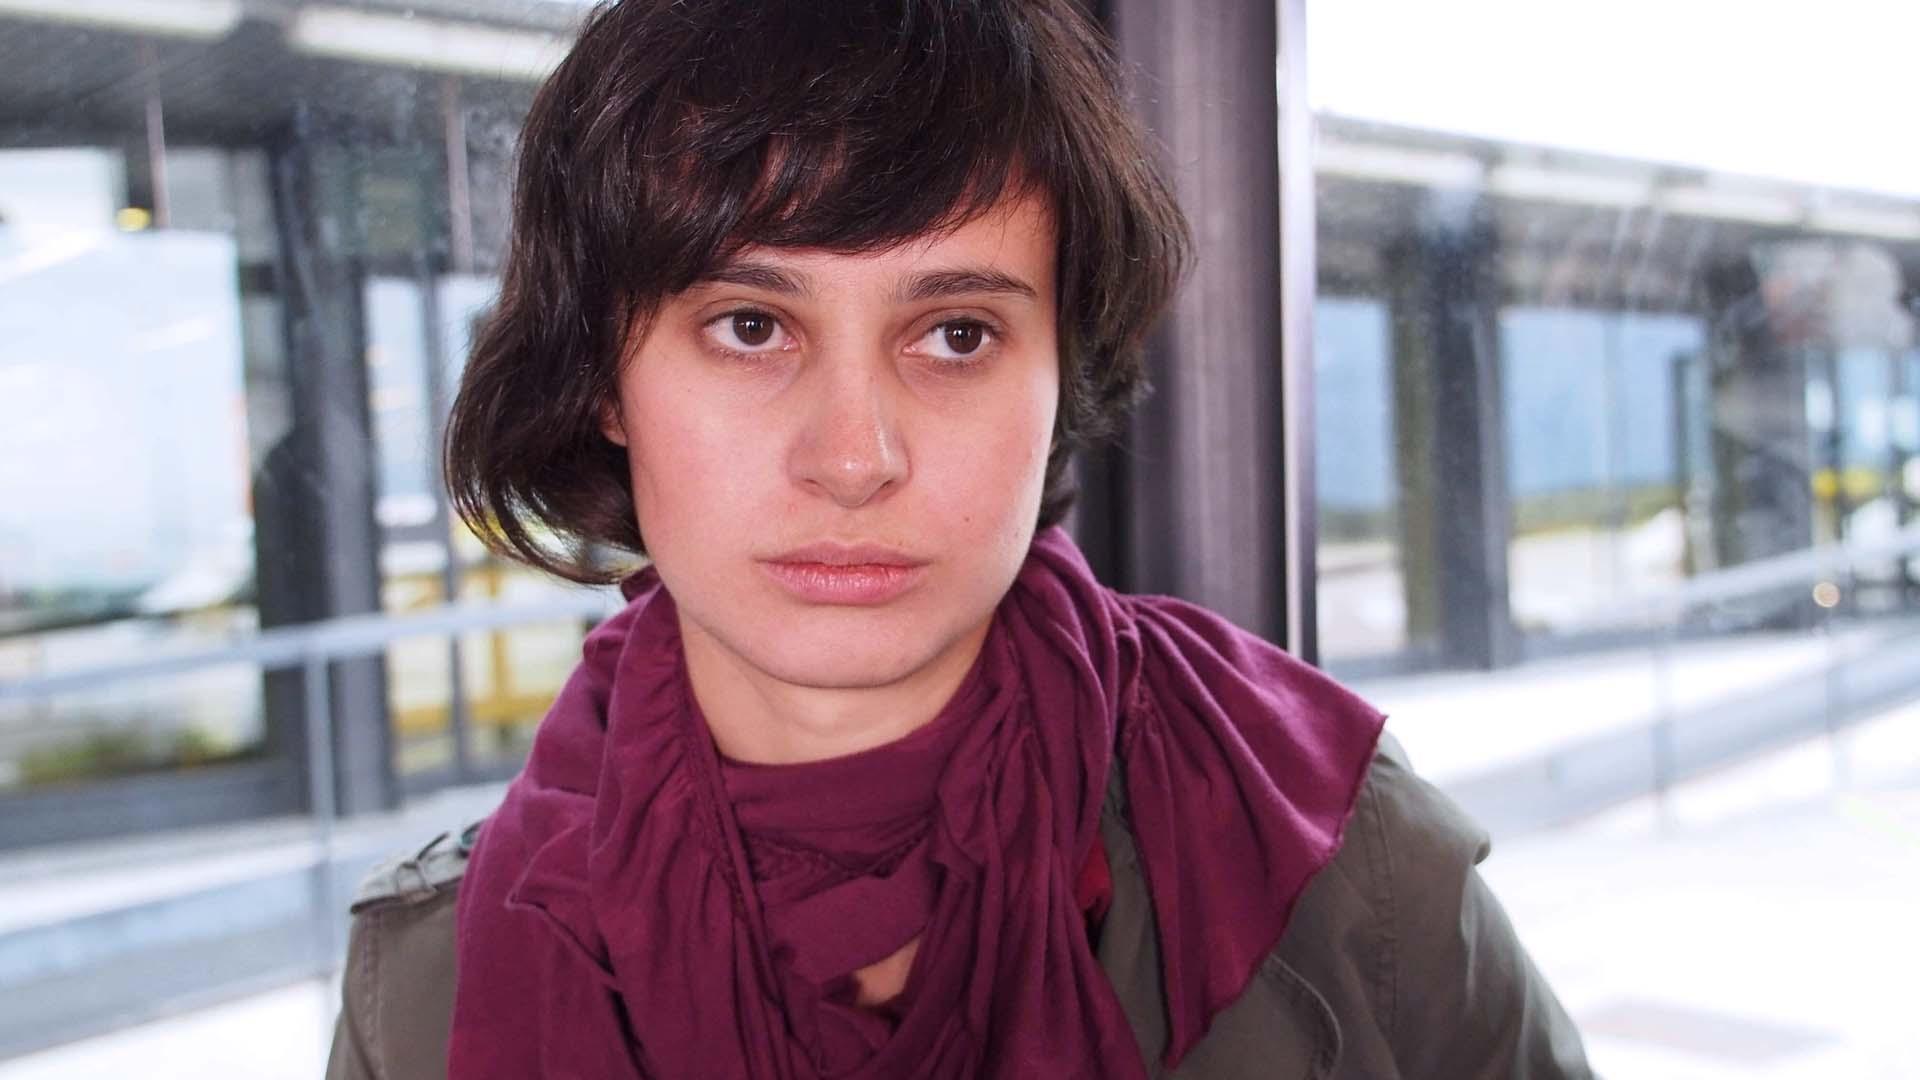 La dott.ssa Nicole Braida, sociologa e attivista transfemminista queer